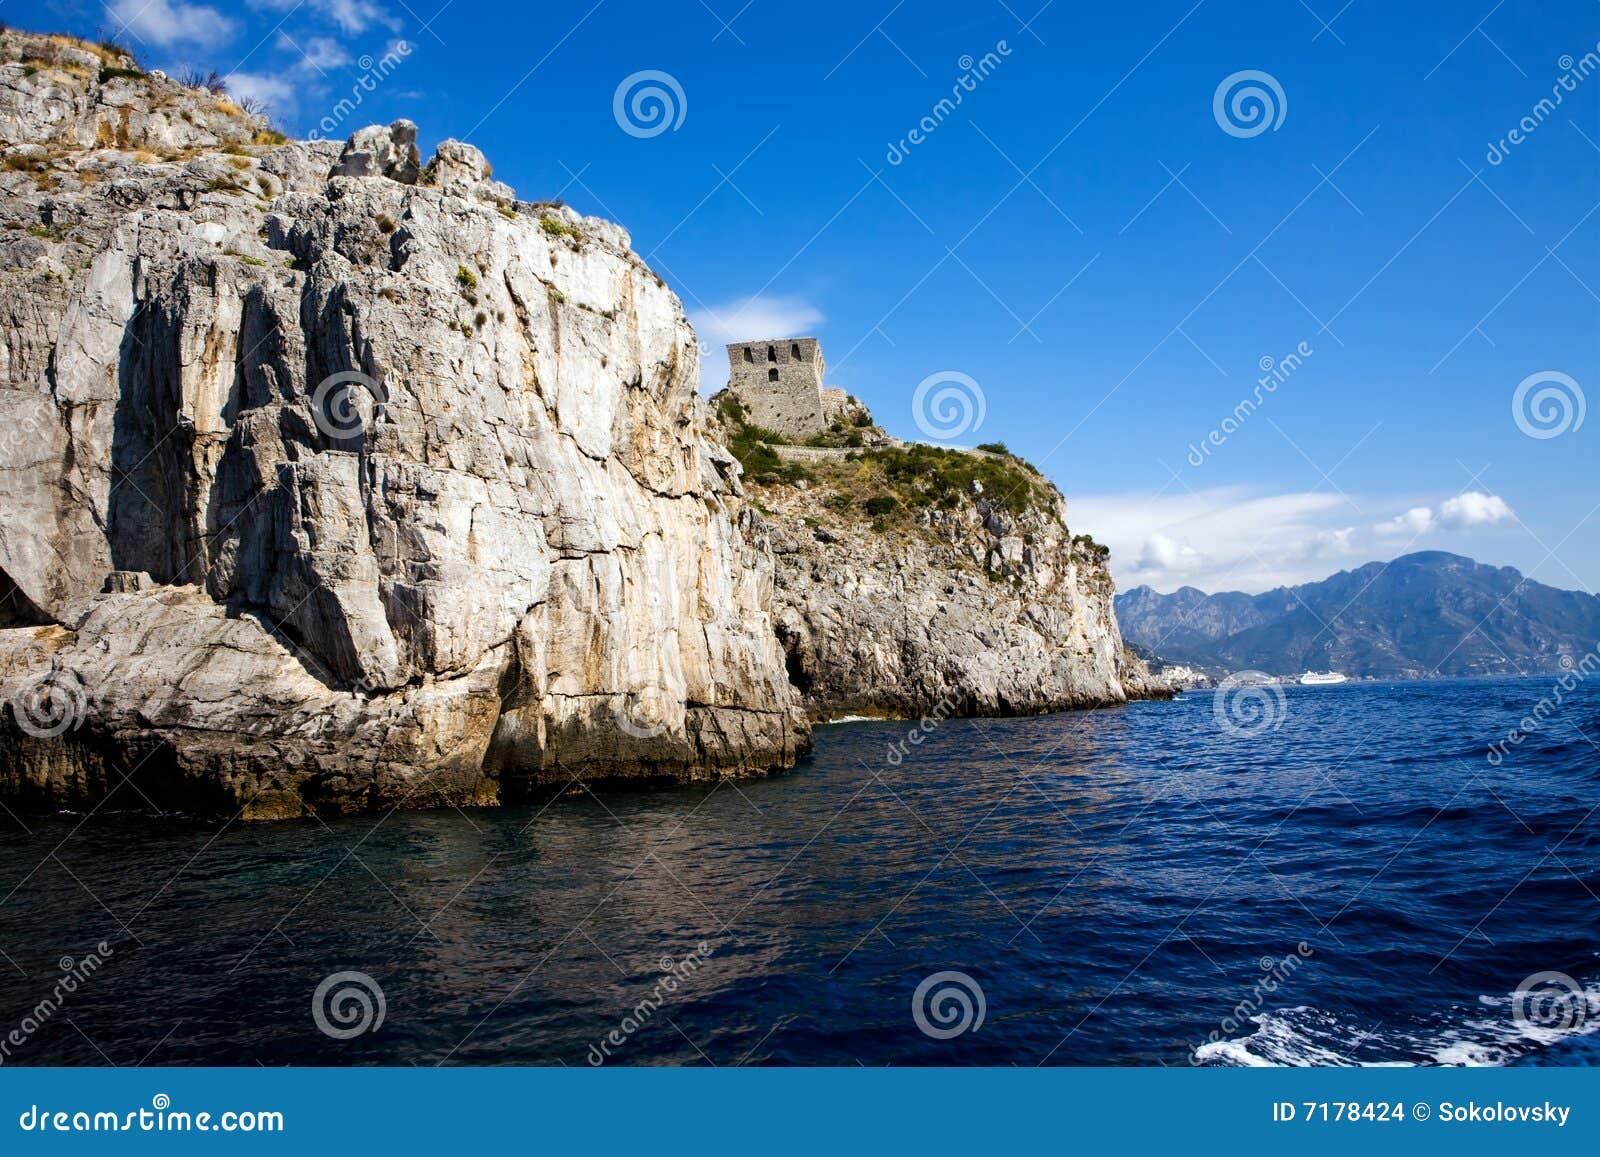 όμορφη όψη costiera amalfitana